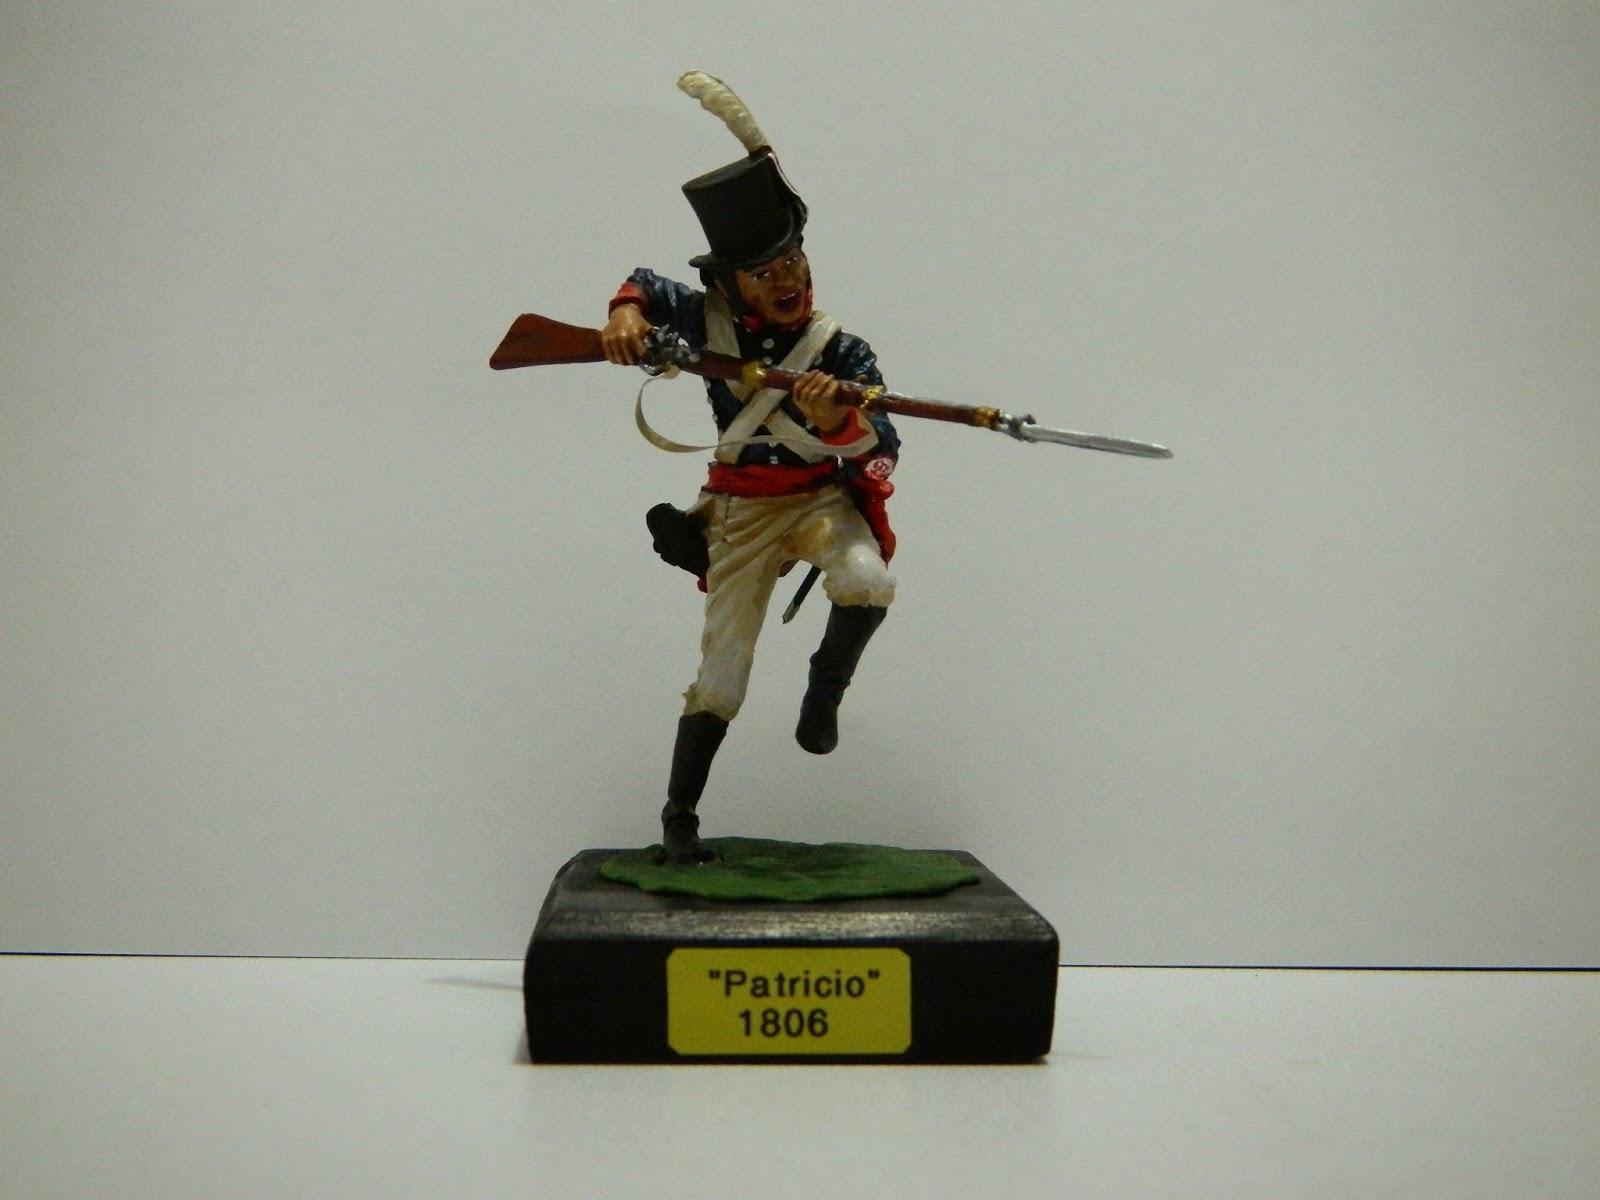 Fusilero del Regimiento de Patricios, por Roume